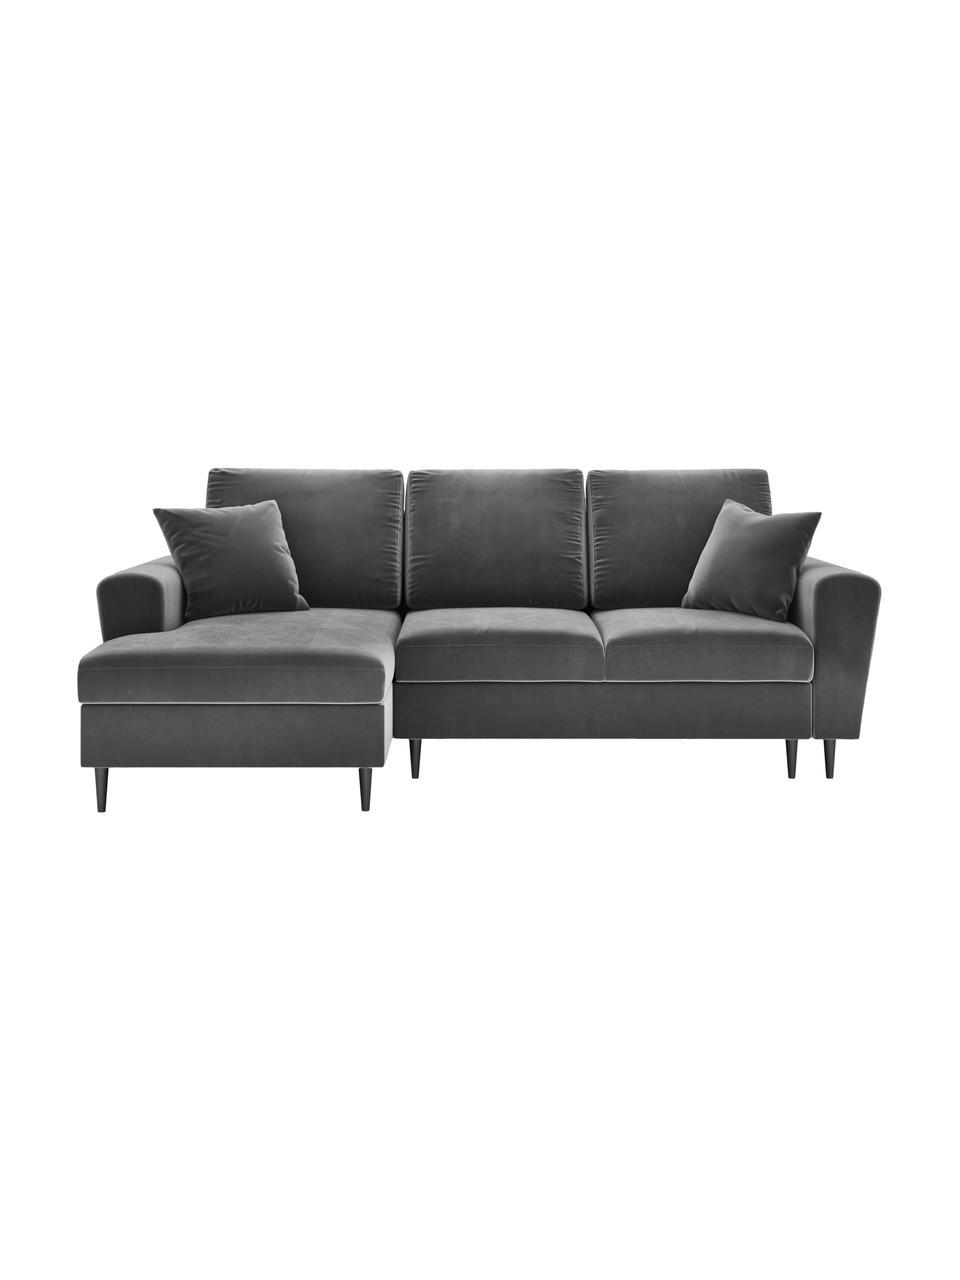 Divano angolare 4 posti in velluto grigio con contenitore Moghan, Grigio, nero, Larg. 236 x Prof. 145 cm